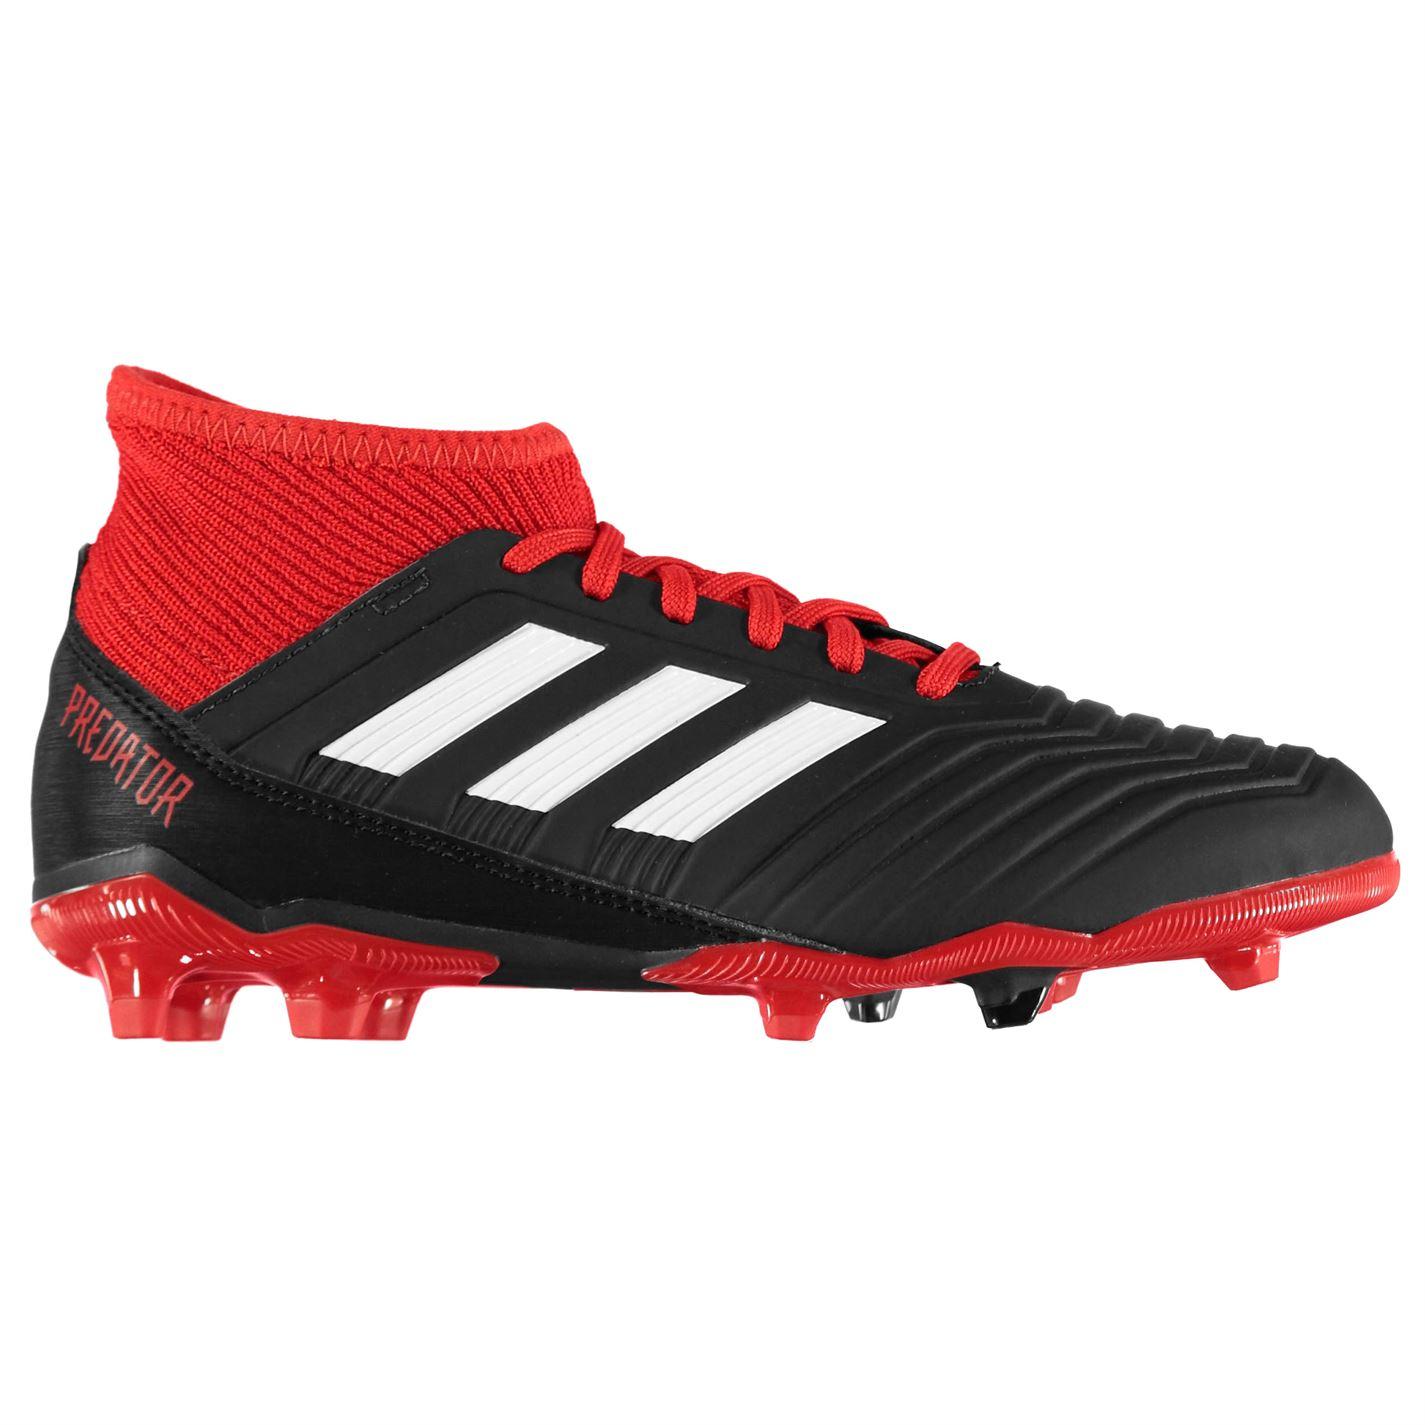 boty adidas X 16.3 Astro Turf dětské